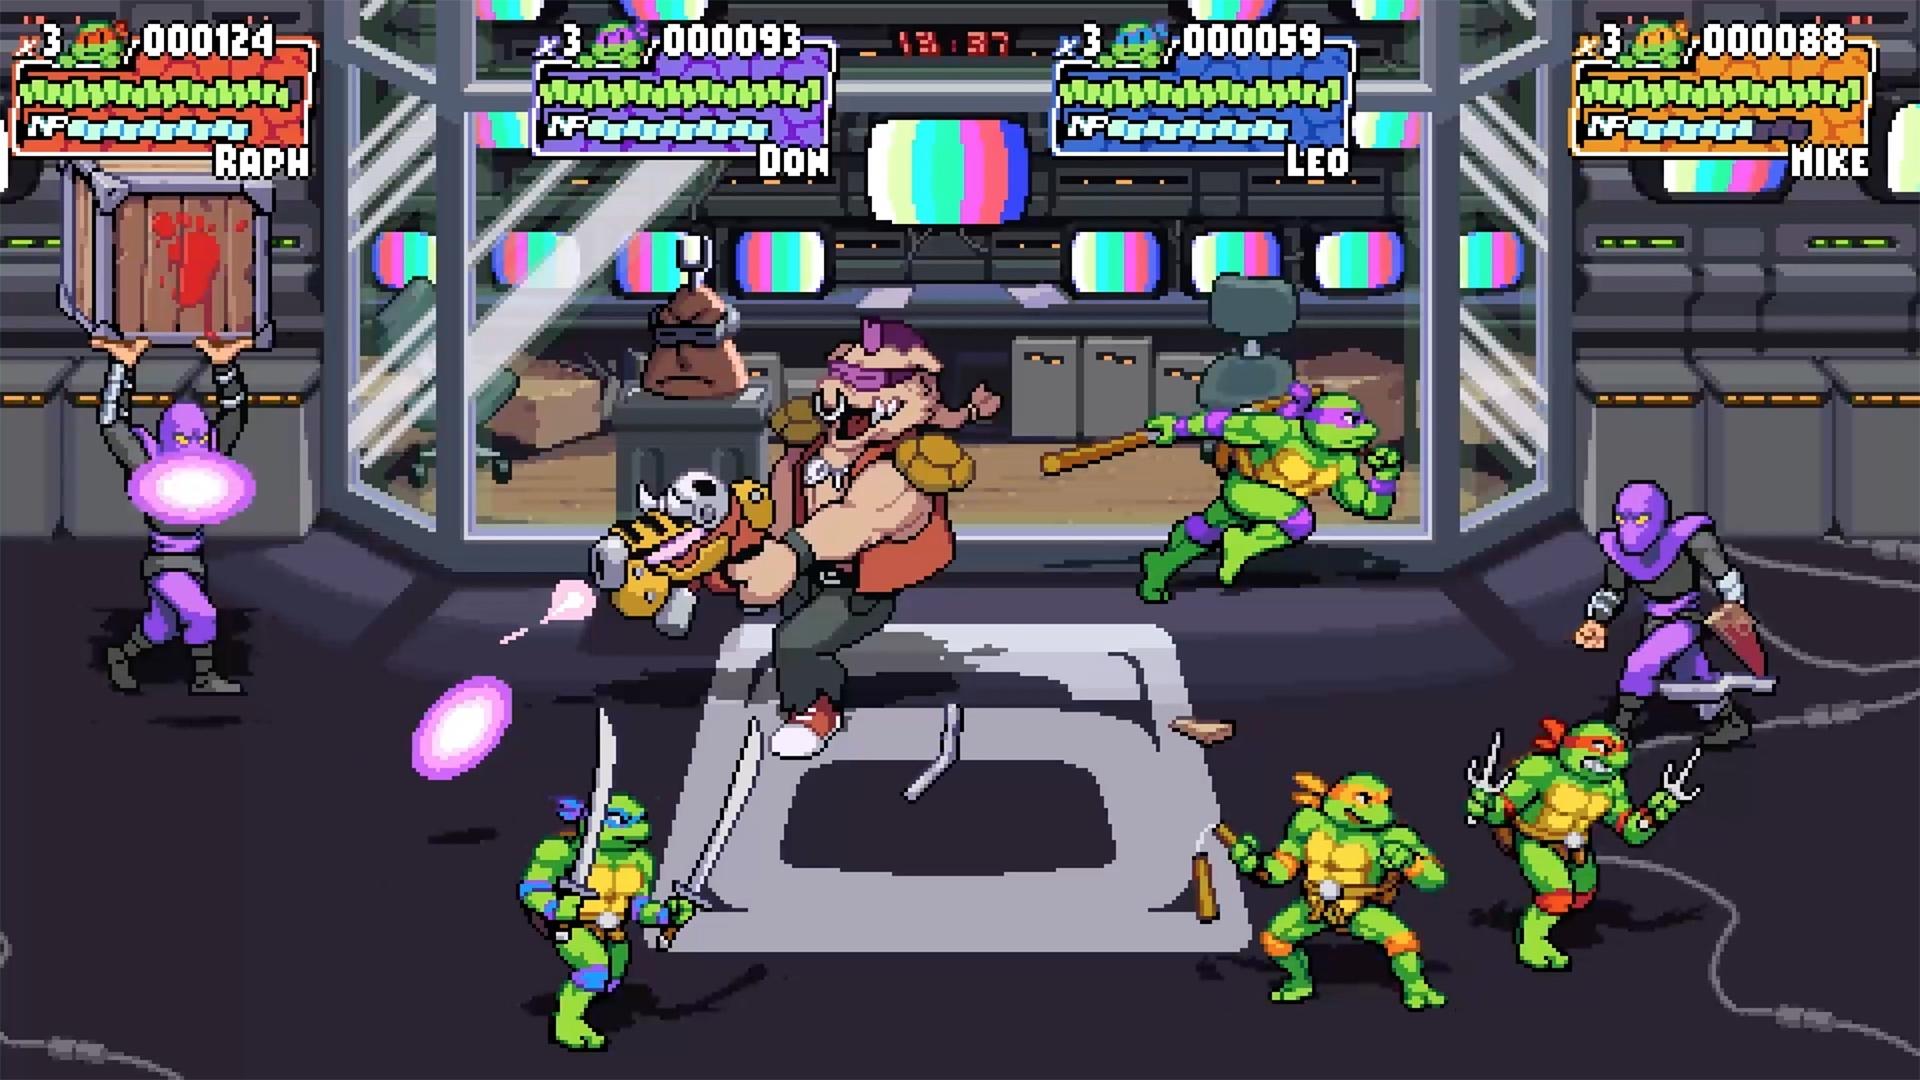 The Teenage Mutant Ninja Turtles tussle with Foot Clan ninjas and Bebop in a screenshot from Shredder's Revenge